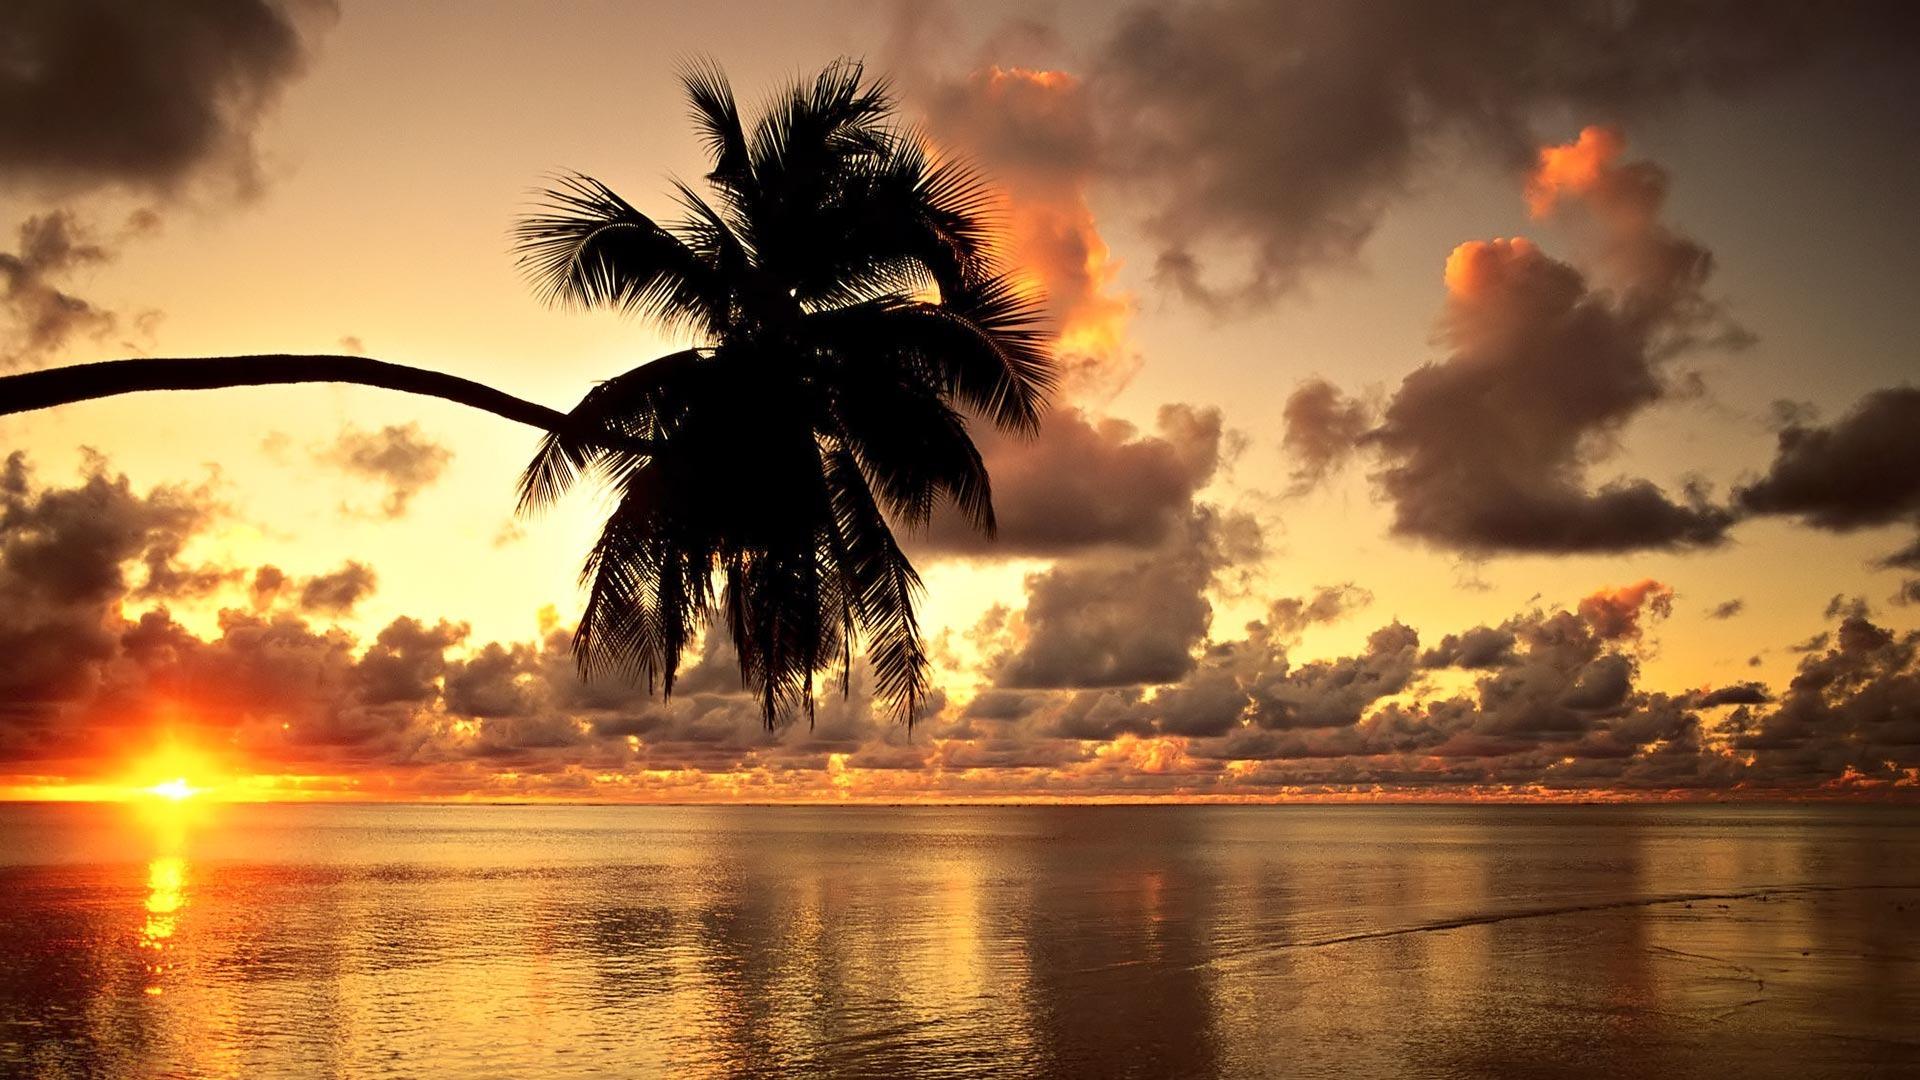 Beautiful Hawaii Sunset Wallpaper HD 4 High Resolution Wallpaper Full ...